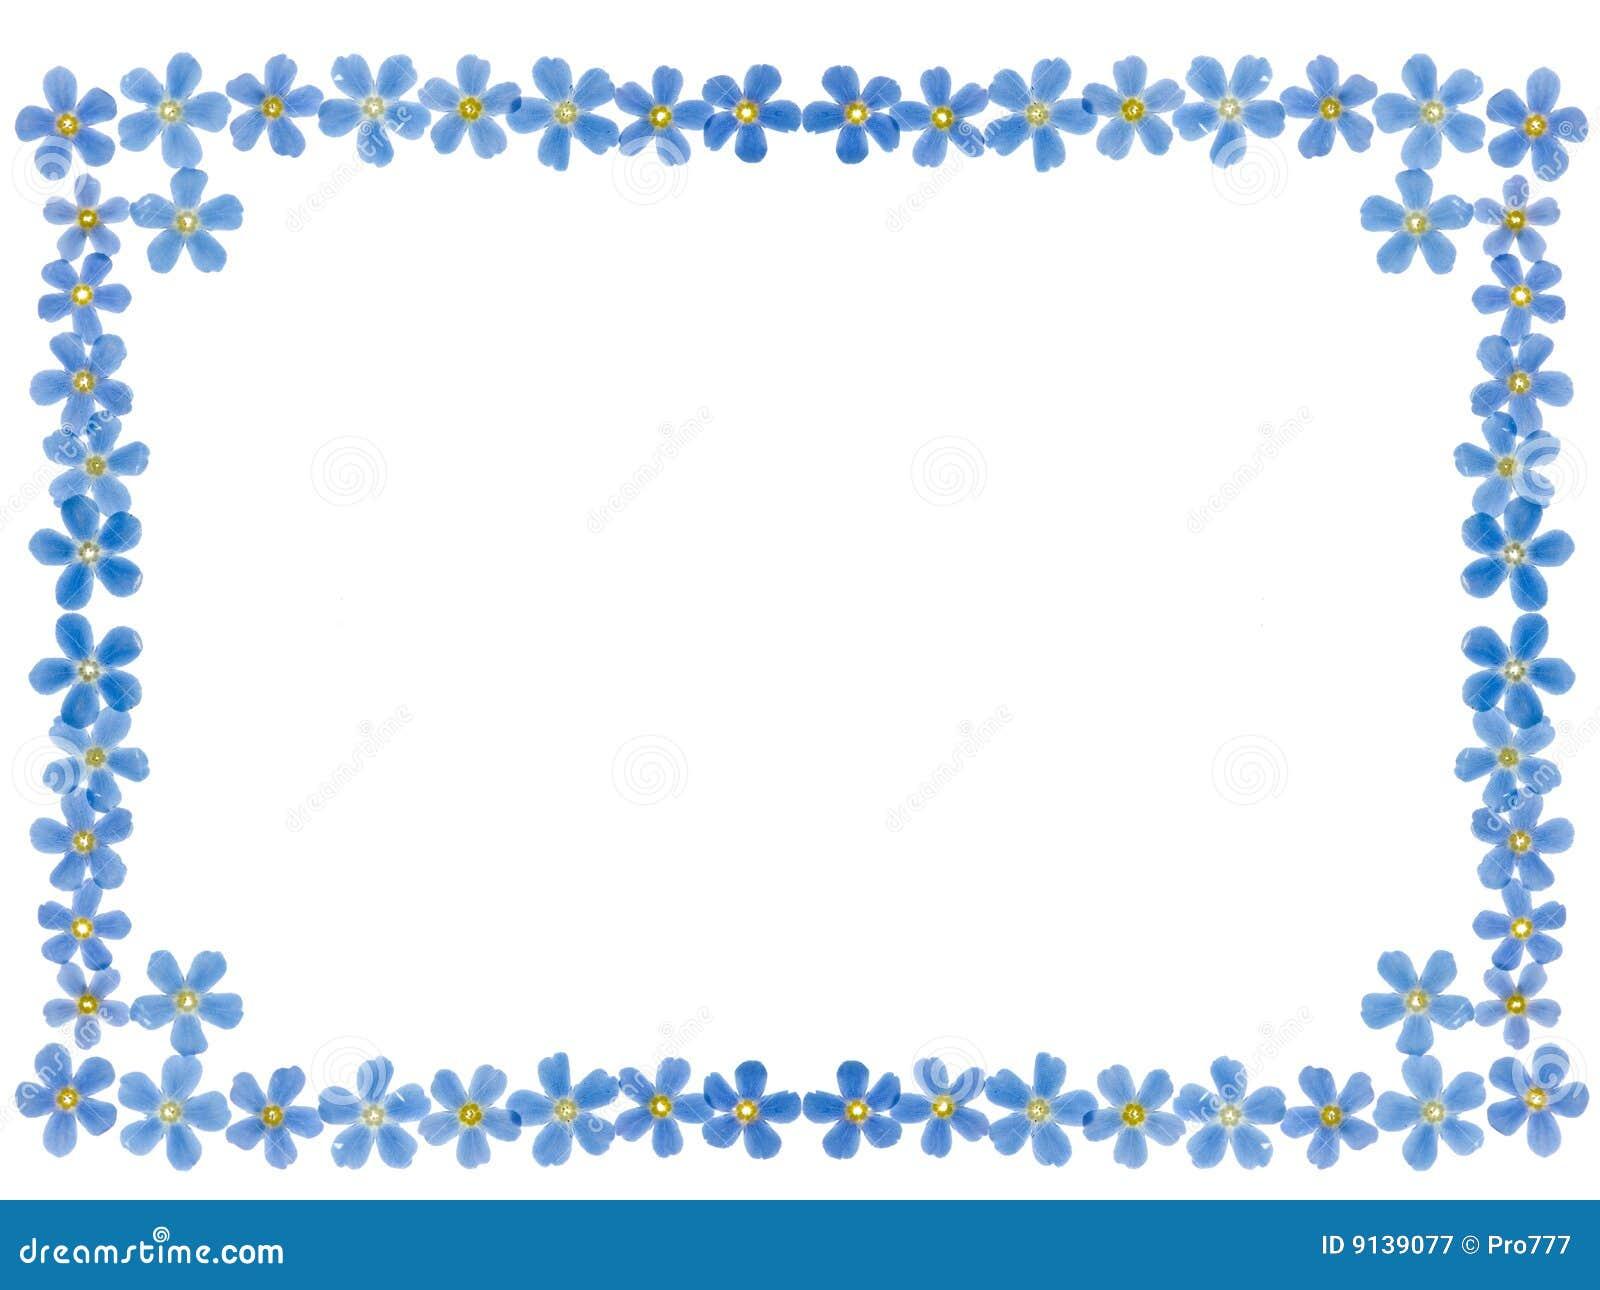 forget me not frame stock image image of botanical fresh 9139077. Black Bedroom Furniture Sets. Home Design Ideas